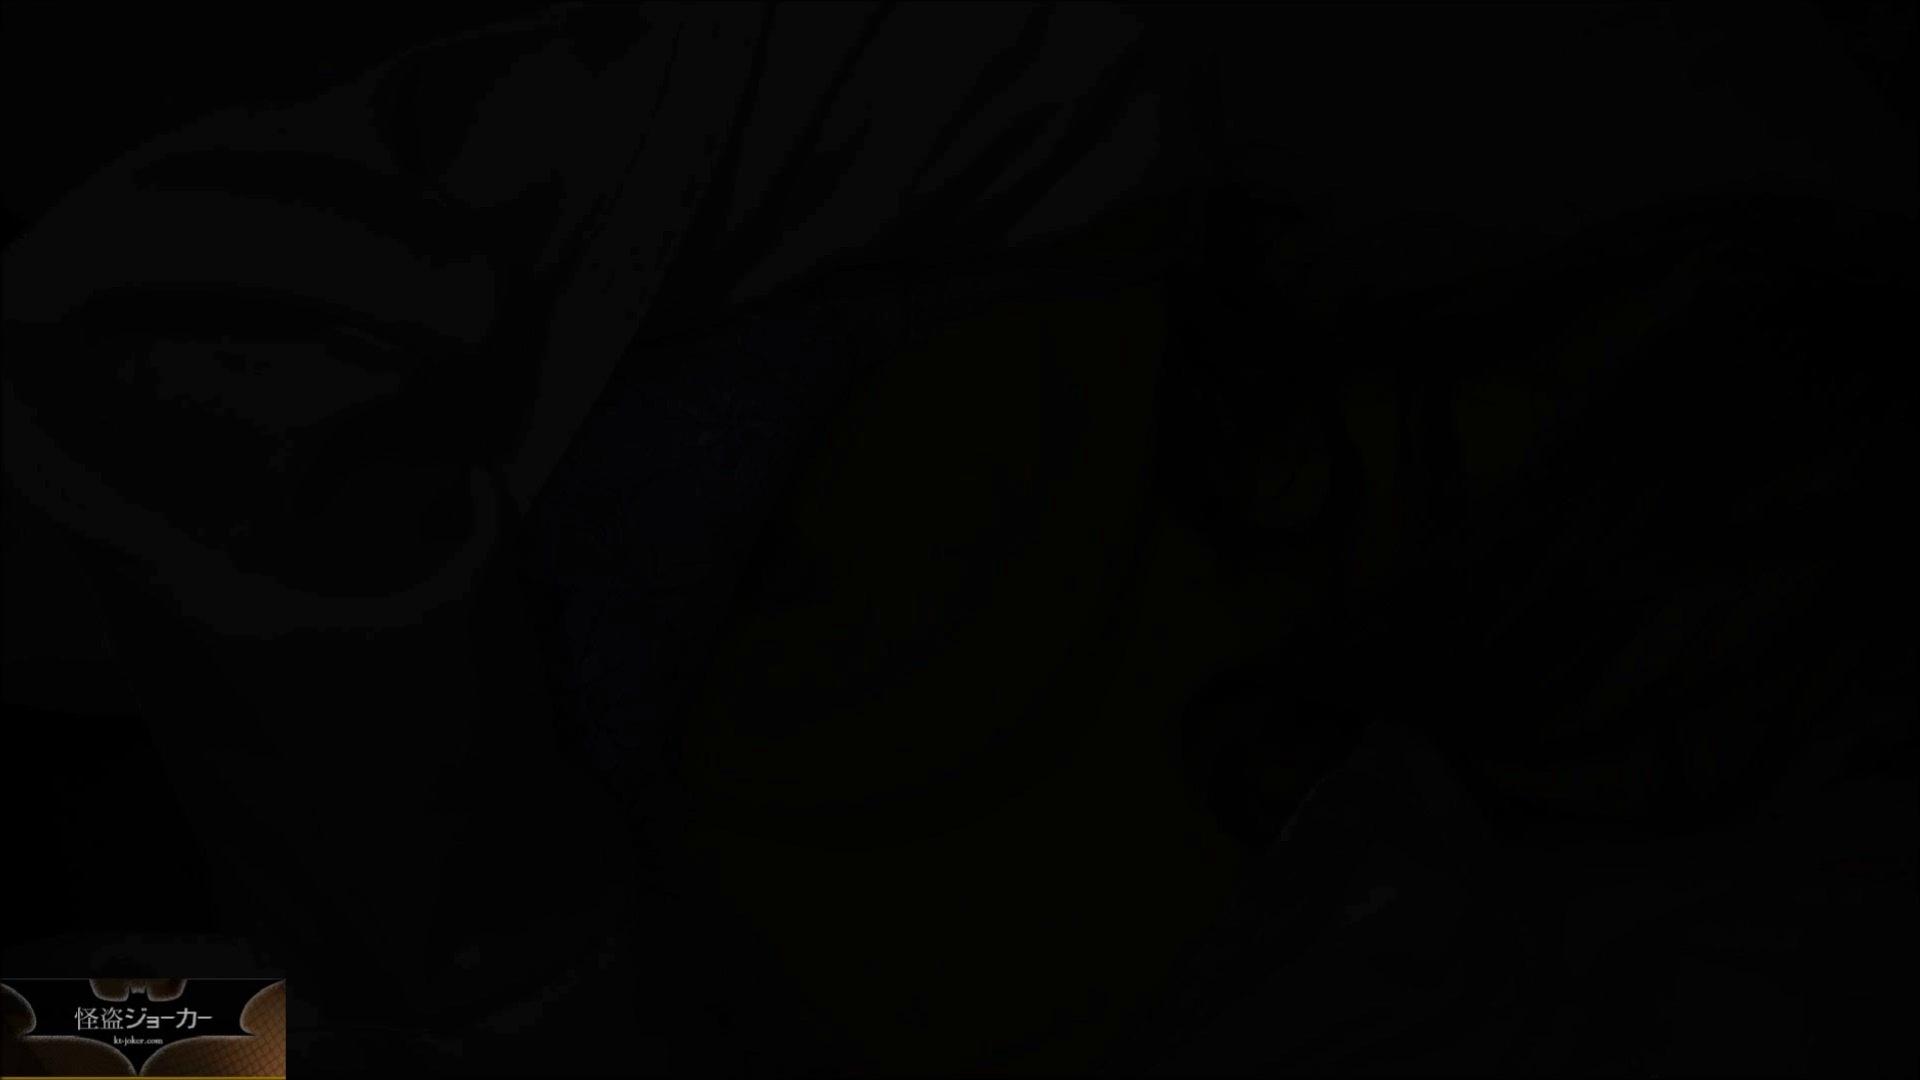 【未公開】vol.32 最後の制月反姿で目民る朋葉ちゃん・・・【番外編】 肛門から・・ AV無料 92枚